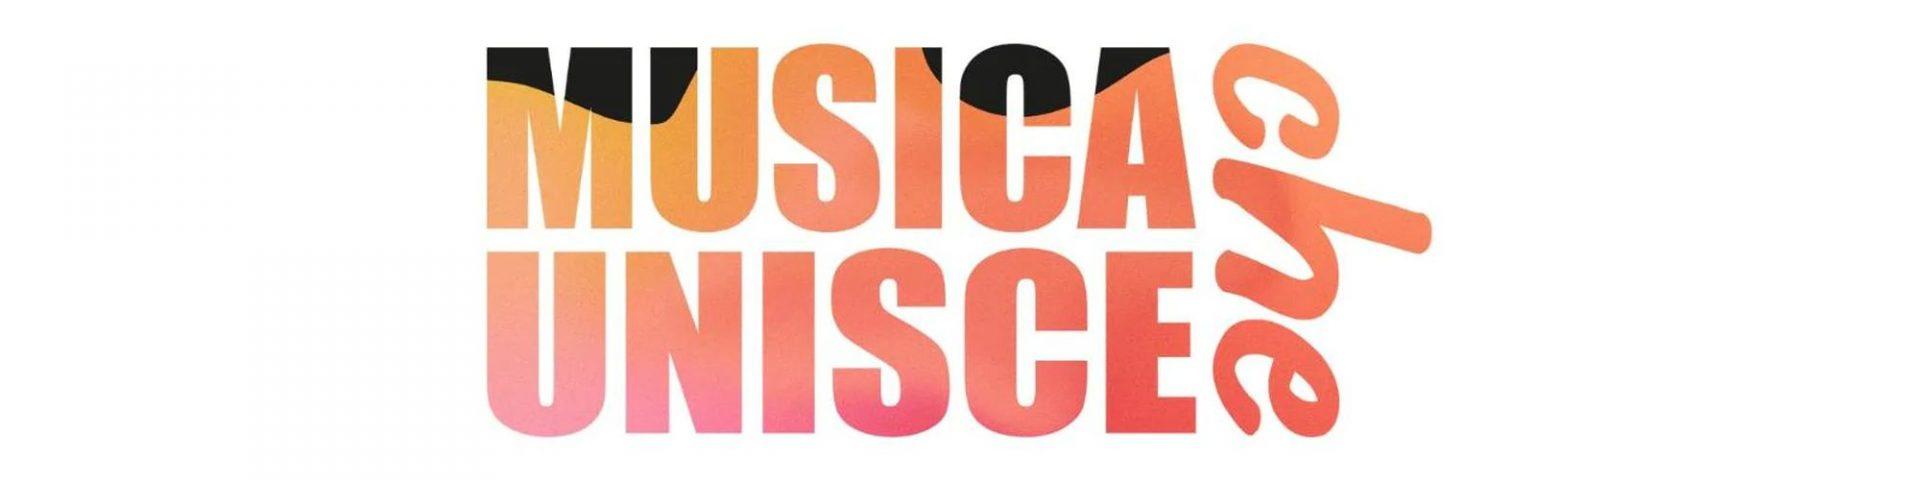 Musica che unisce: le canzoni in scaletta (playlist ufficiale)